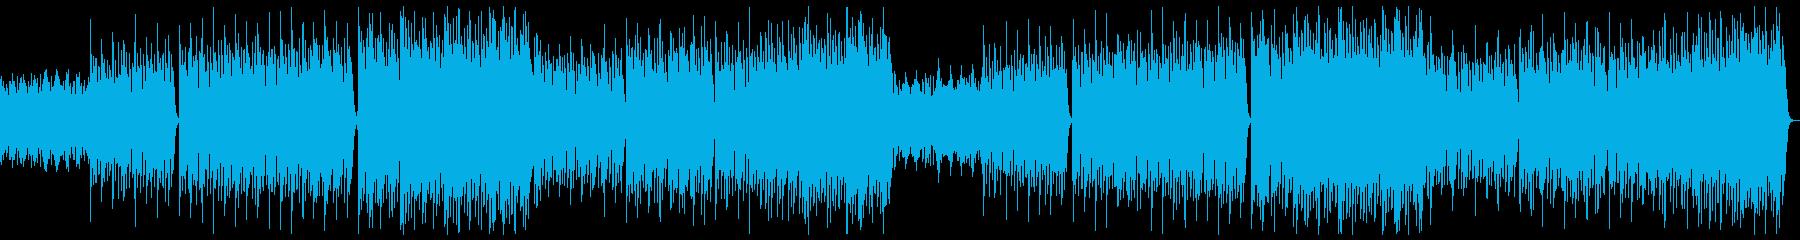 明るく躍動的なポップオーケストラxフル2の再生済みの波形